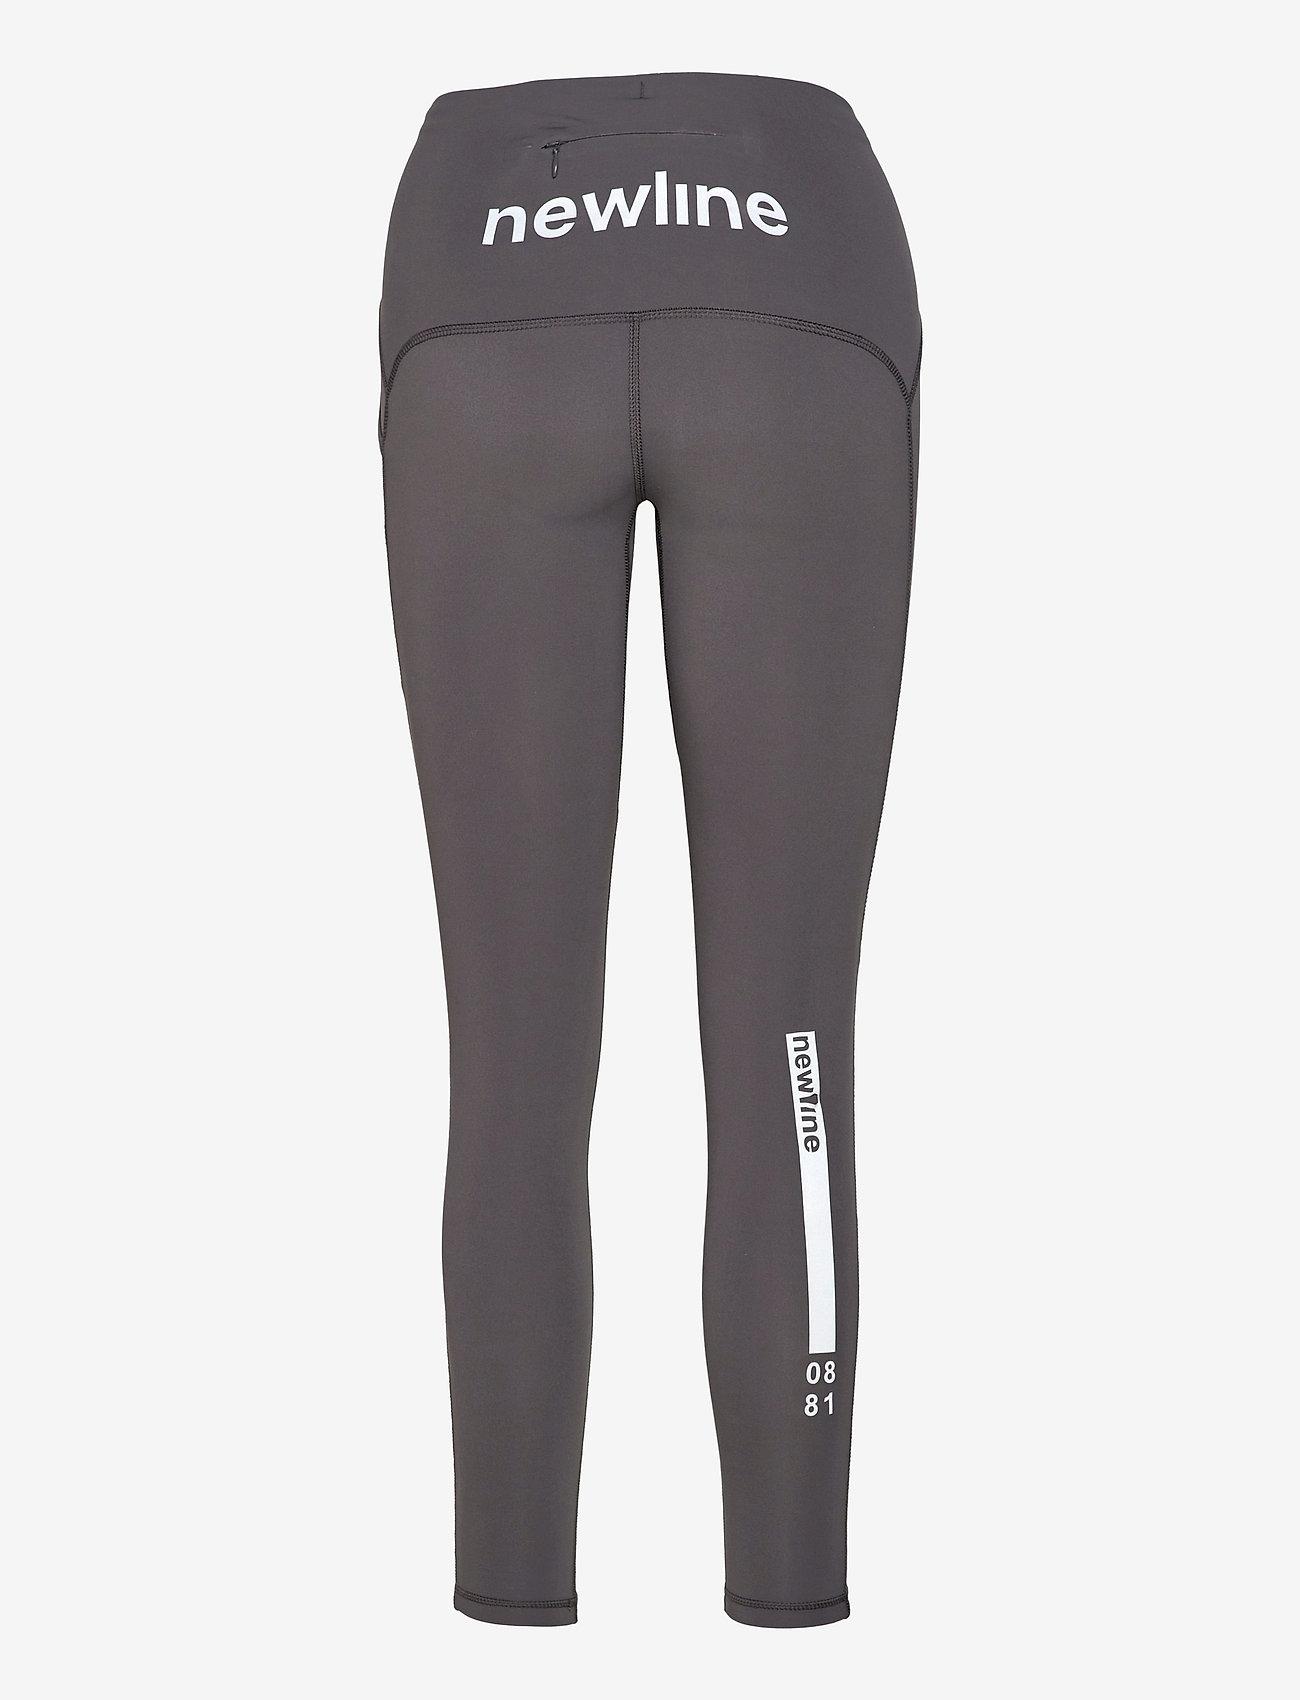 Newline - WOMEN´S 7/8 TIGHT - running & training tights - asphalt - 1